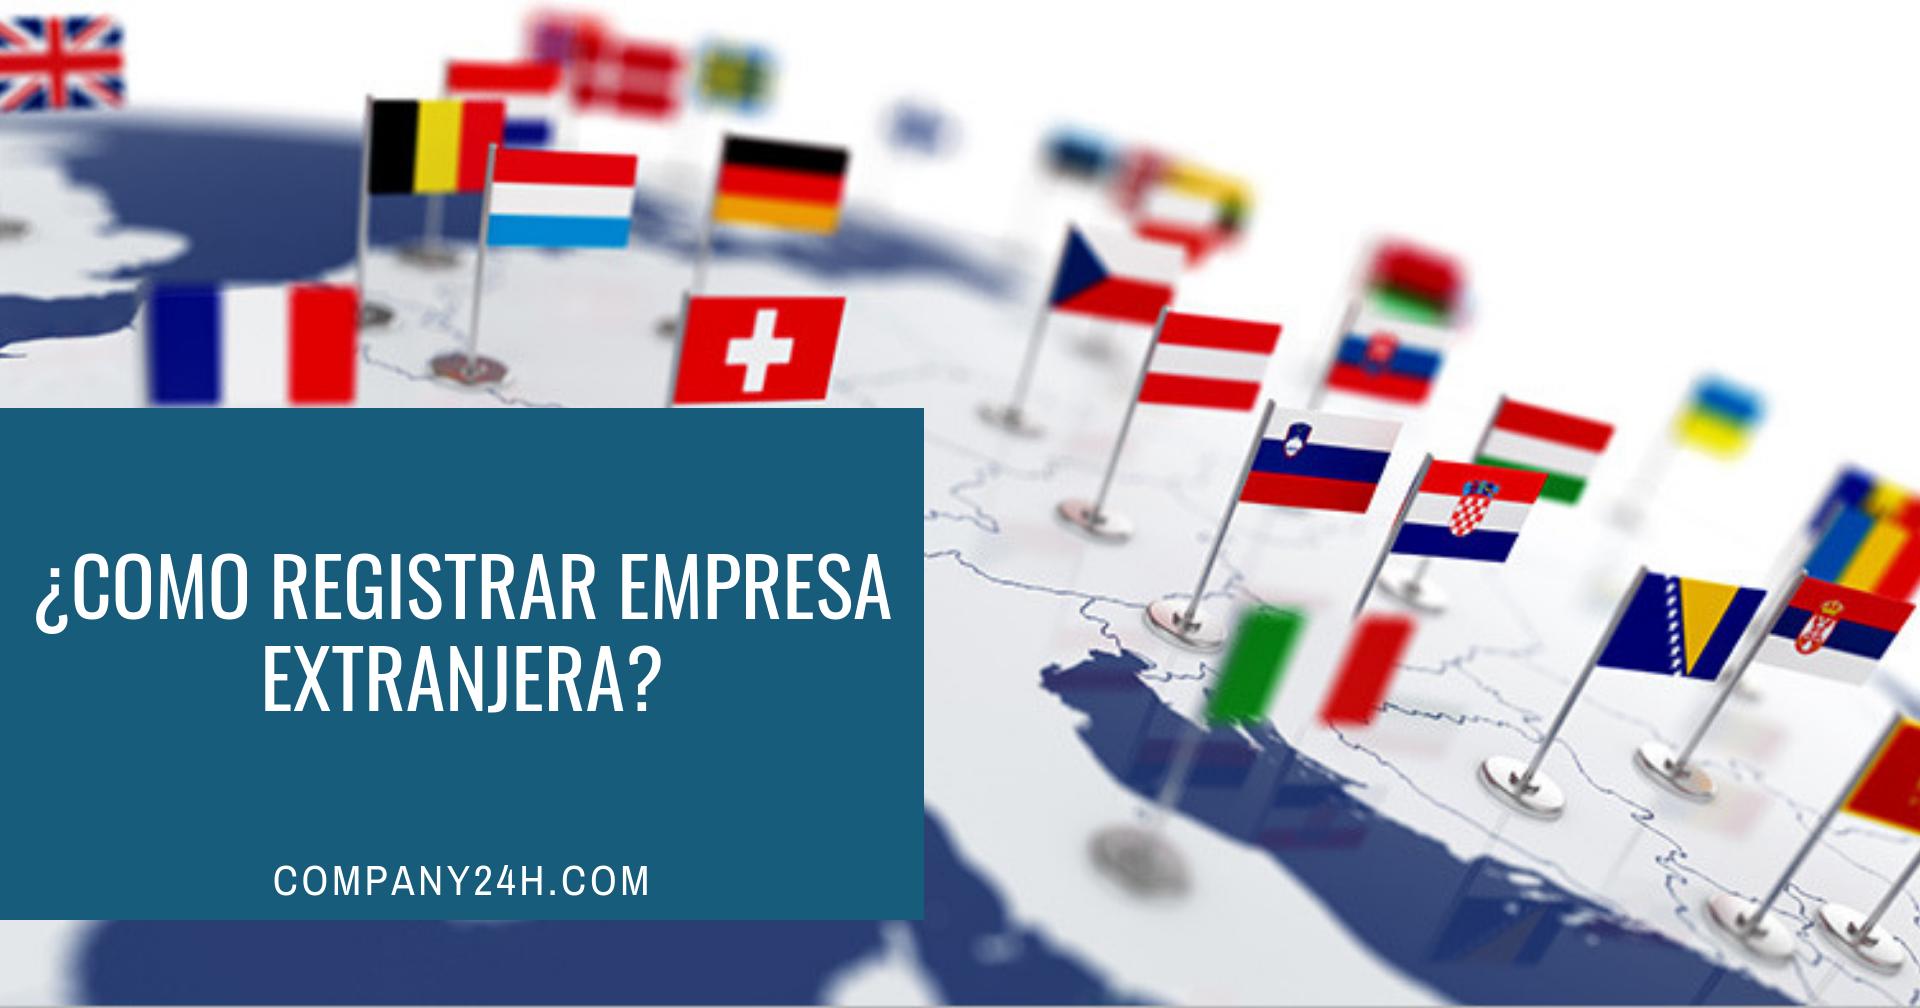 ¿Como registrar empresa extranjera en República Dominicana?